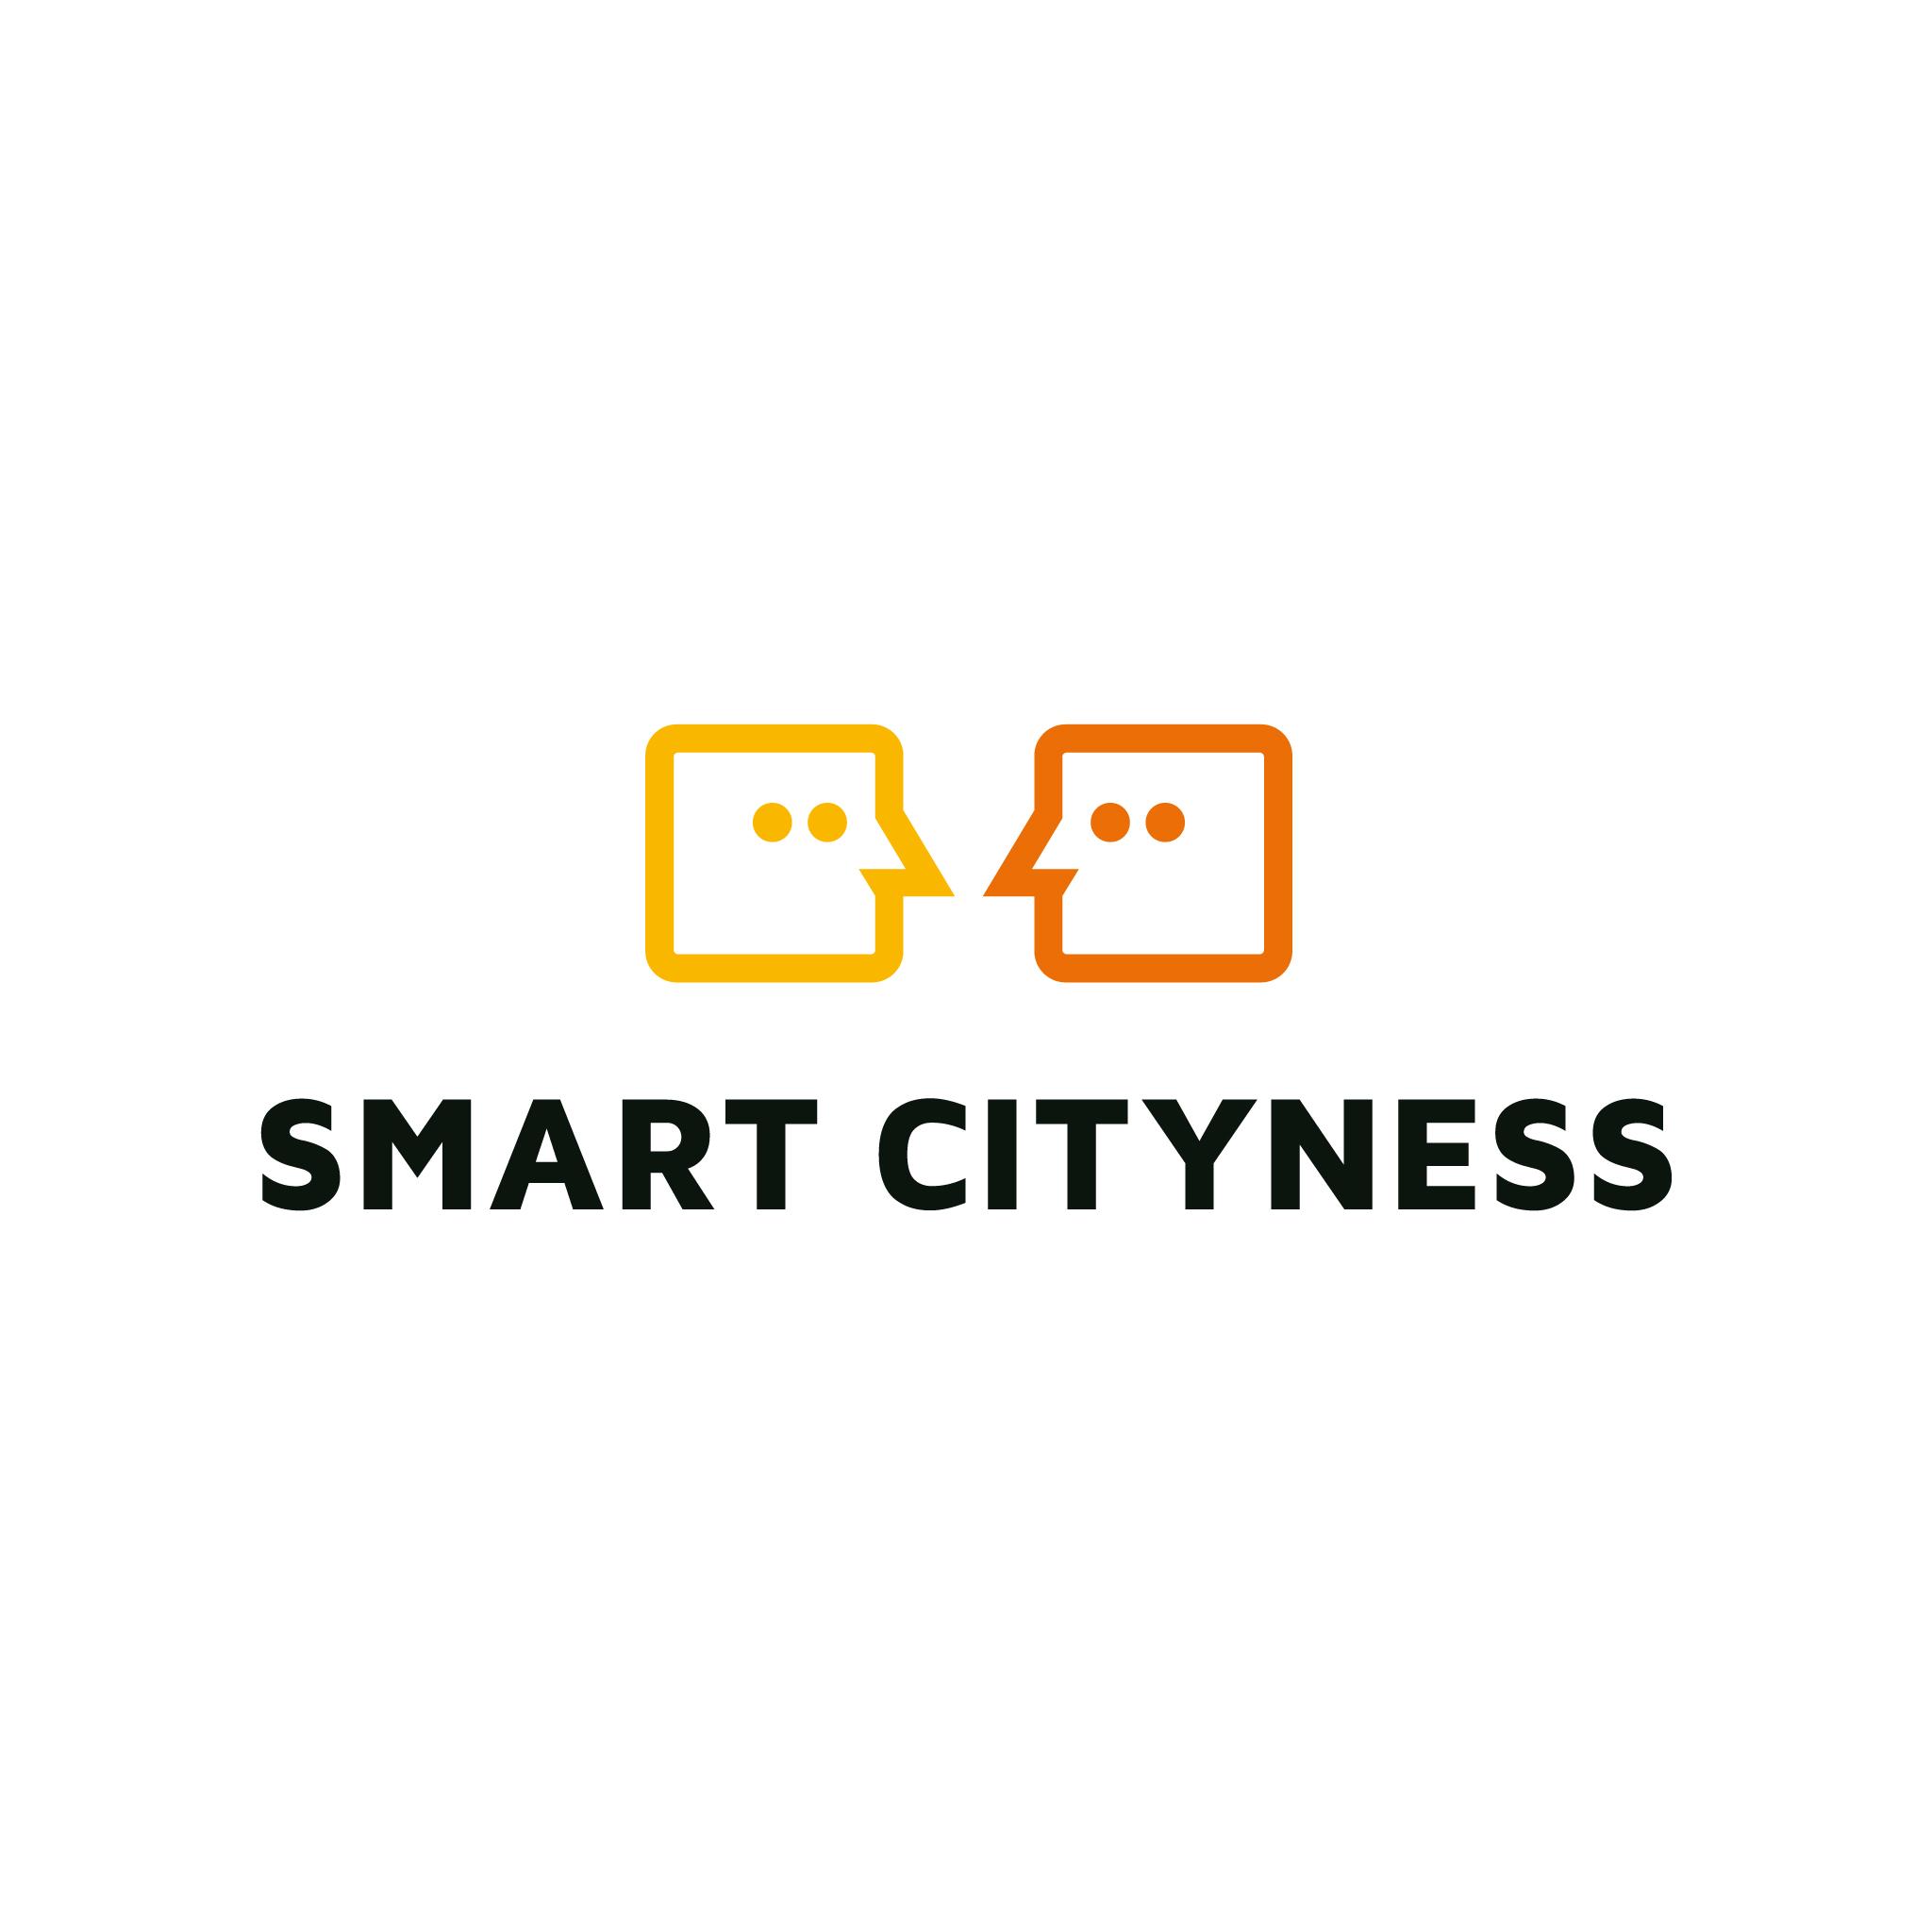 SmartCityness